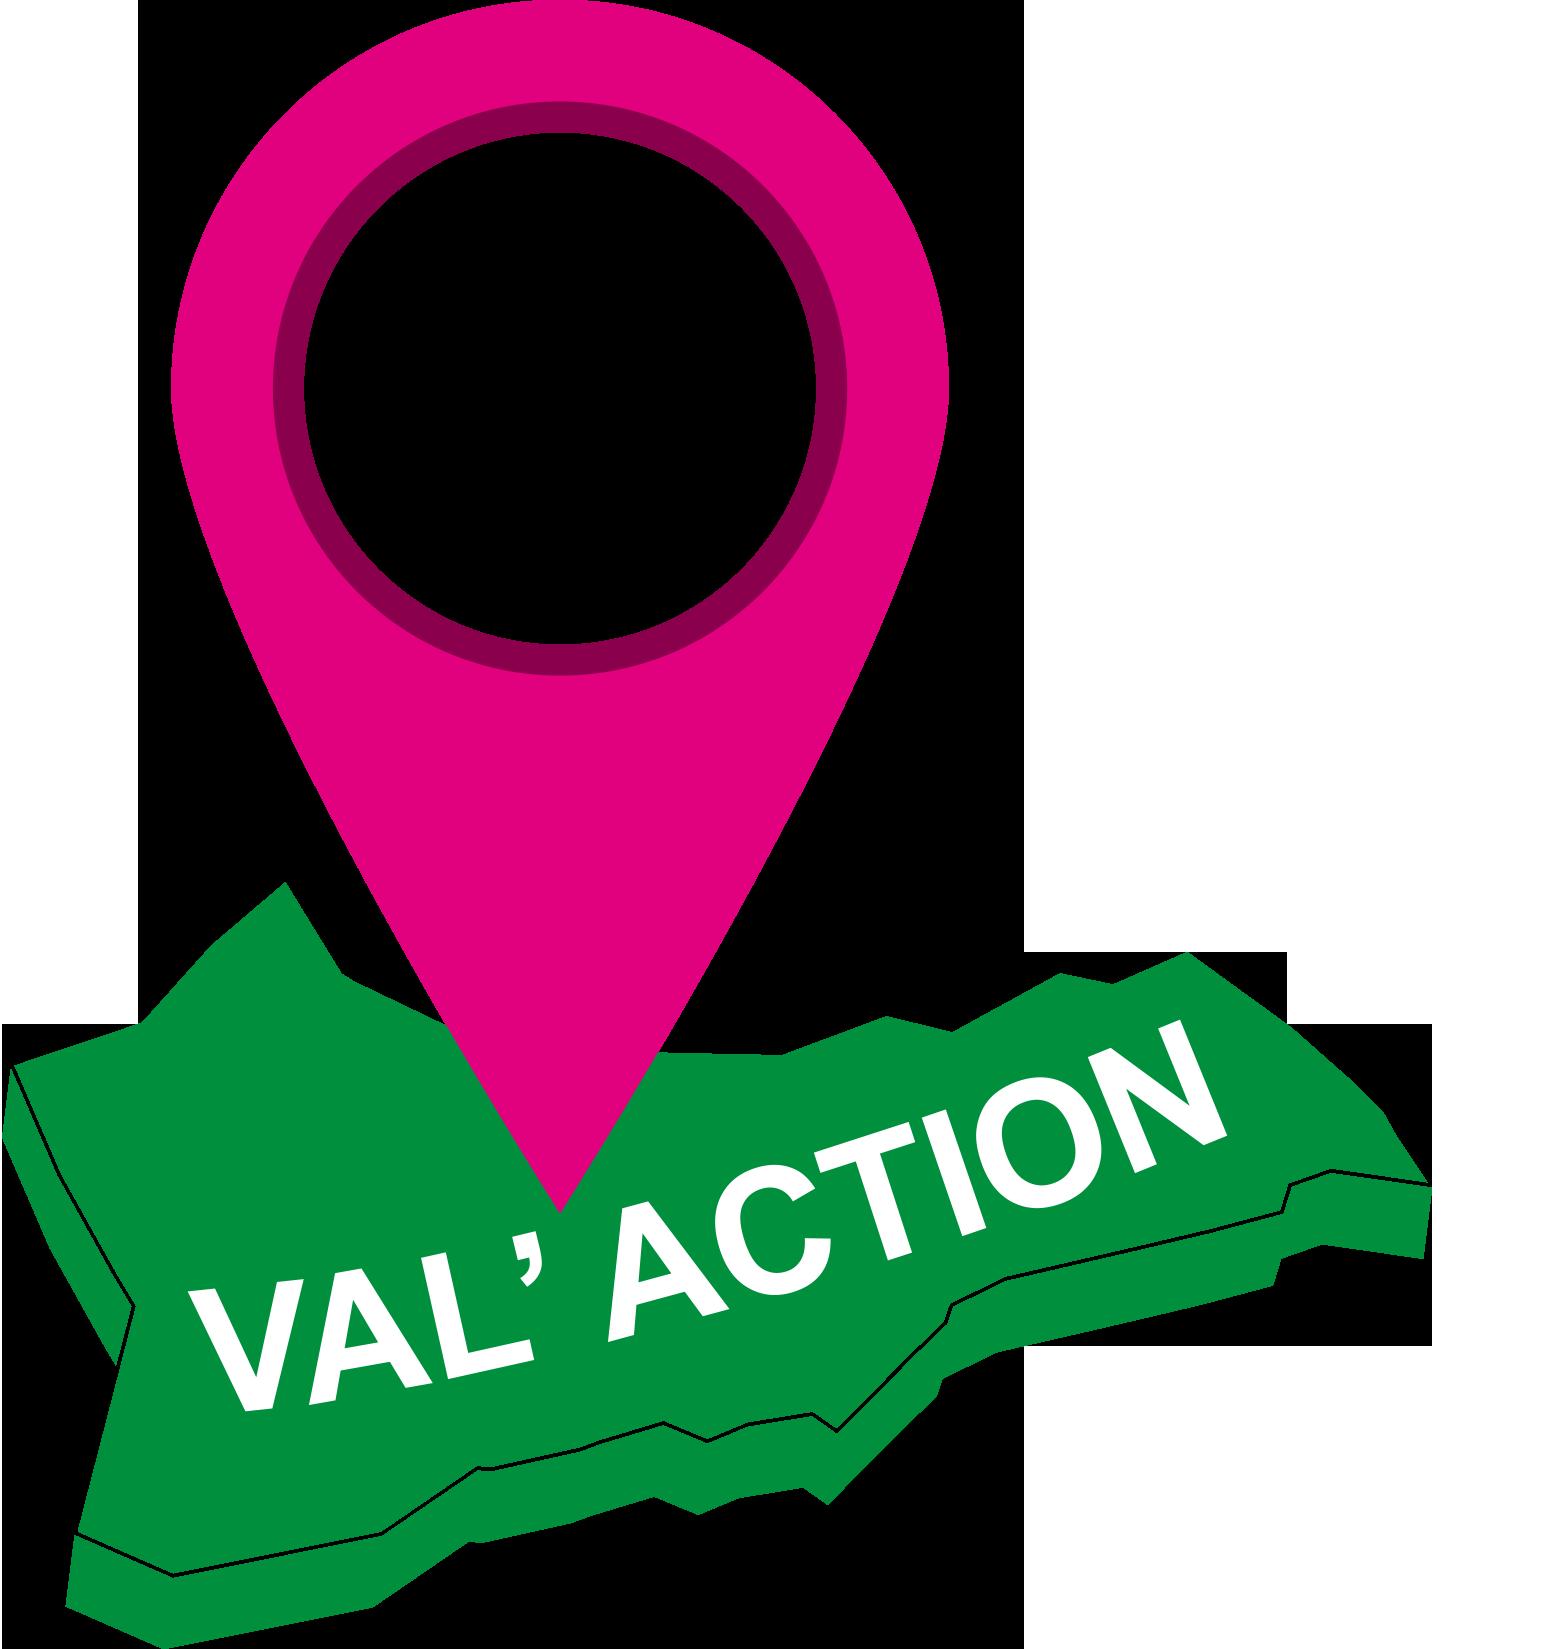 Val'Action VdT